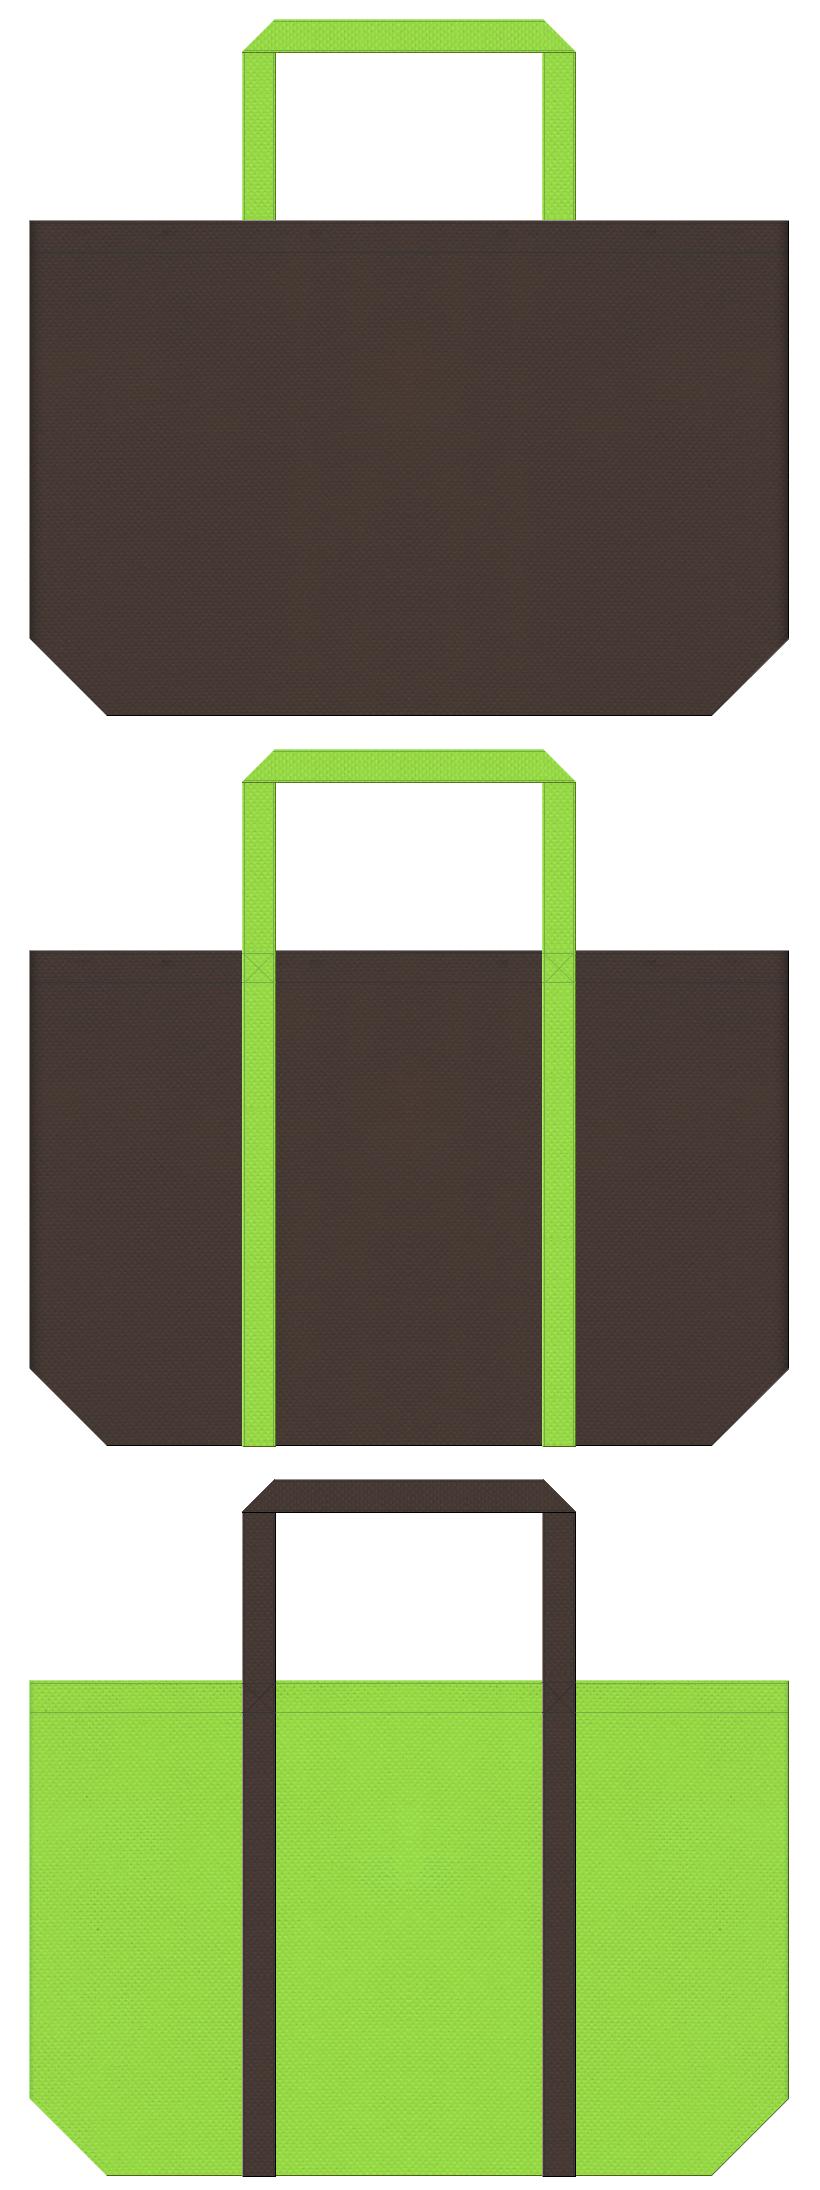 こげ茶色と黄緑色の不織布バッグデザイン。屋上緑化・壁面緑化の展示会用バッグや緑化推進イベントのノベルティにお奨めです。